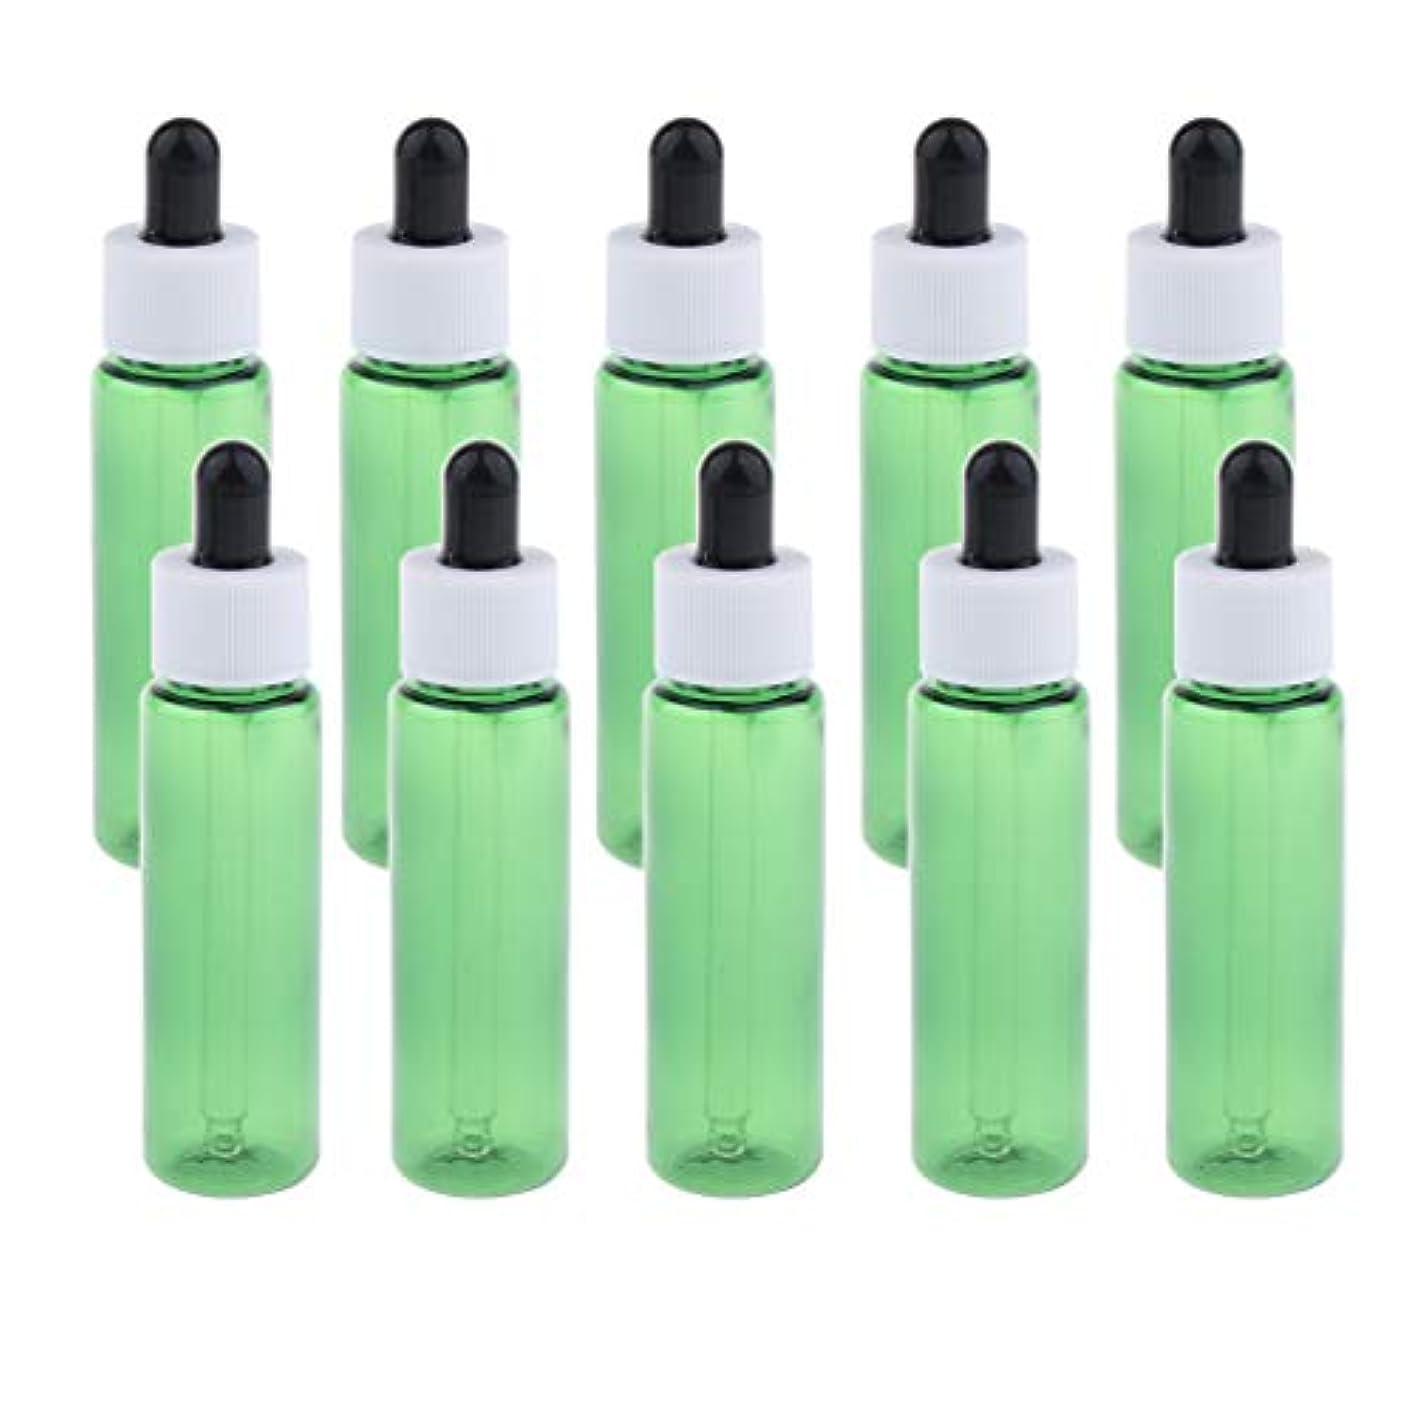 ガレージアイスクリームホストchiwanji 約10個 エッセンシャルオイル スポイトボトル 香水 小分け マッサージ 美容室 30ml 全4色 - 緑